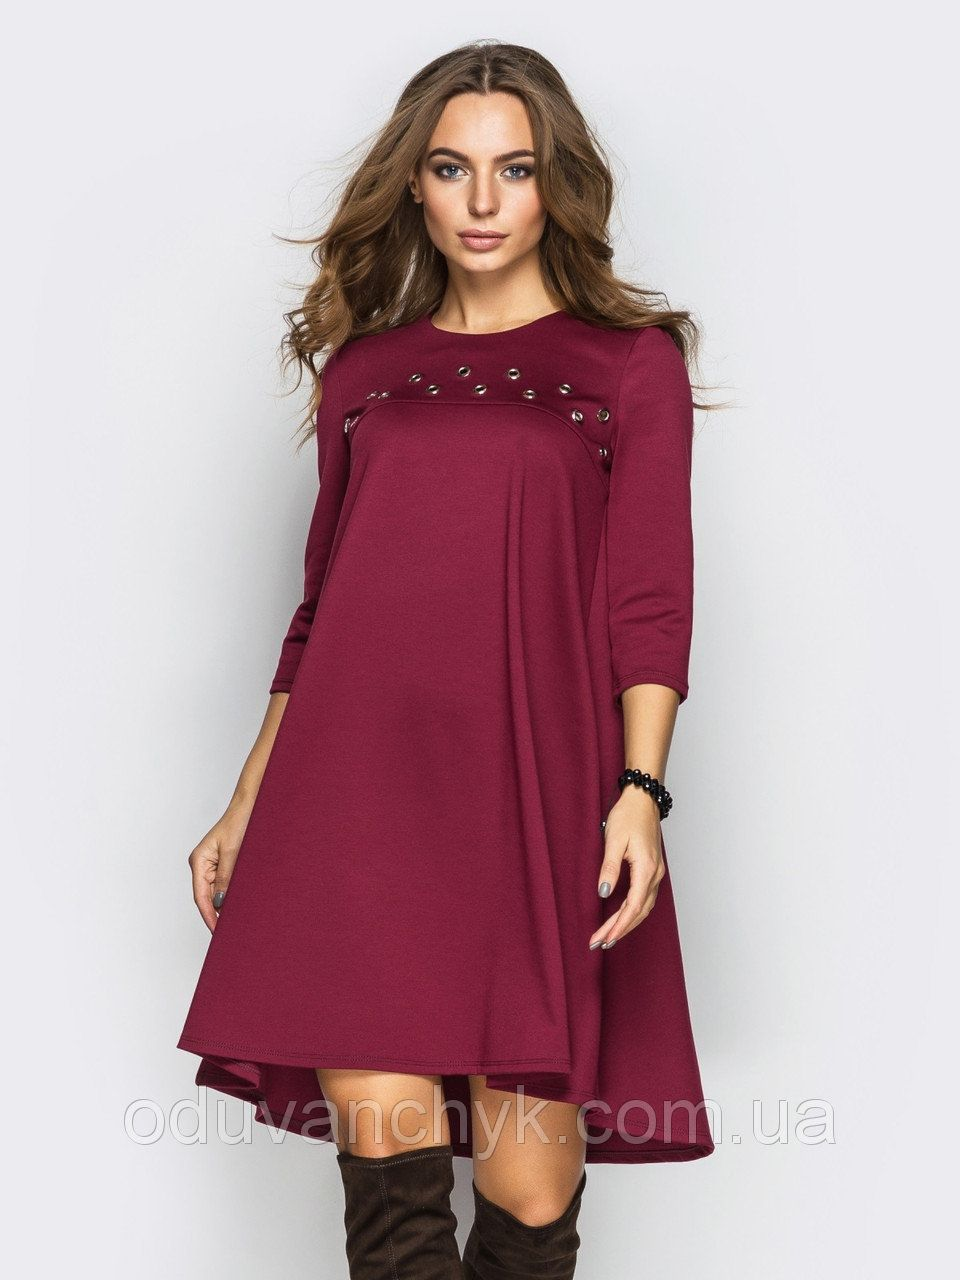 Жіноче плаття купити якісні плаття з доставкою по Україні. Великий вибір  плать для сучасних дівчат e5dd32e137665